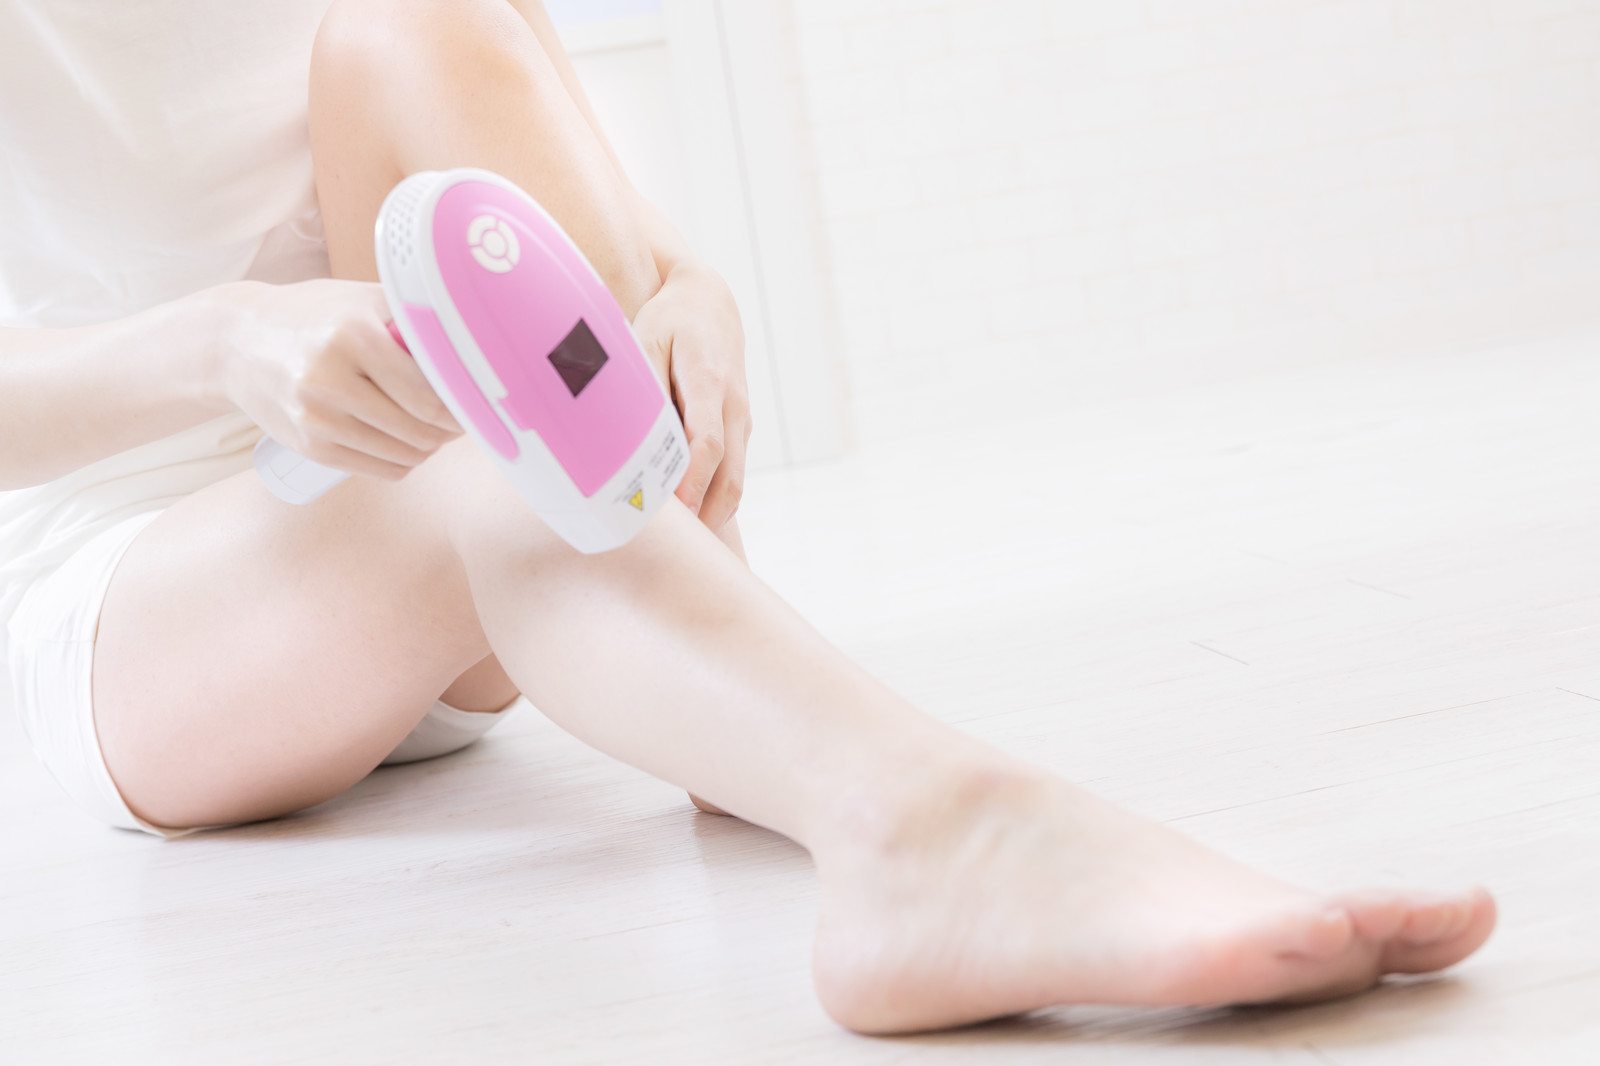 「セルフ脱毛器で足の脱毛を行う女性」の写真[モデル:緋真煉]